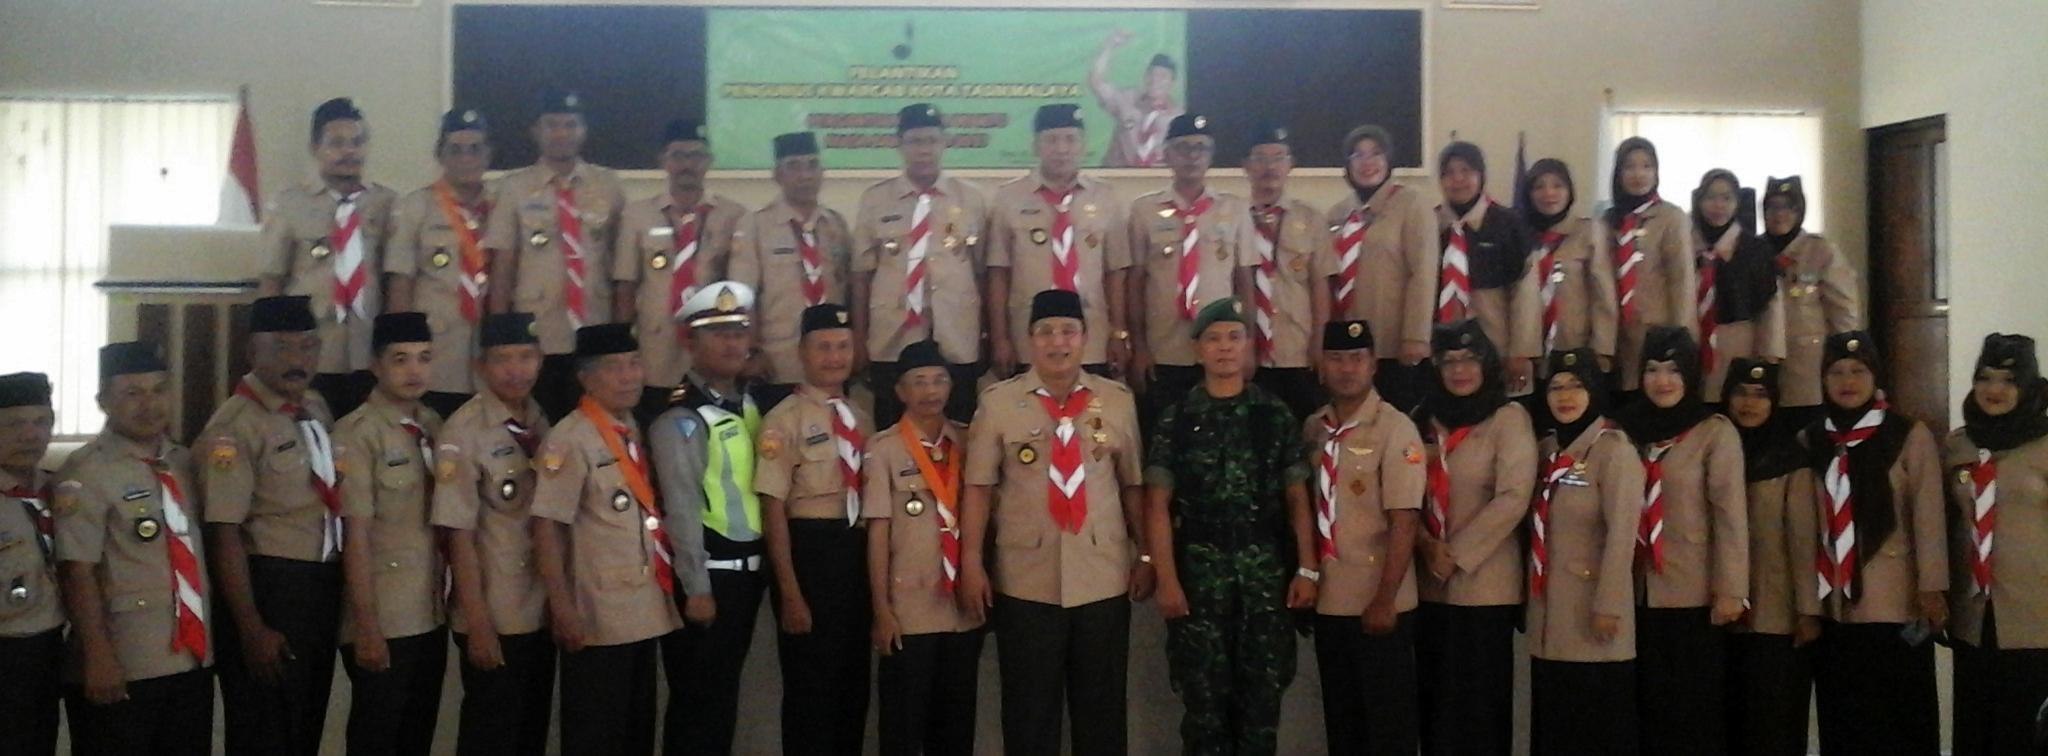 Foto Bersama Pengurus Baru Kwarcab Kota Tasikmalaya Masa Bakti 2012-2017